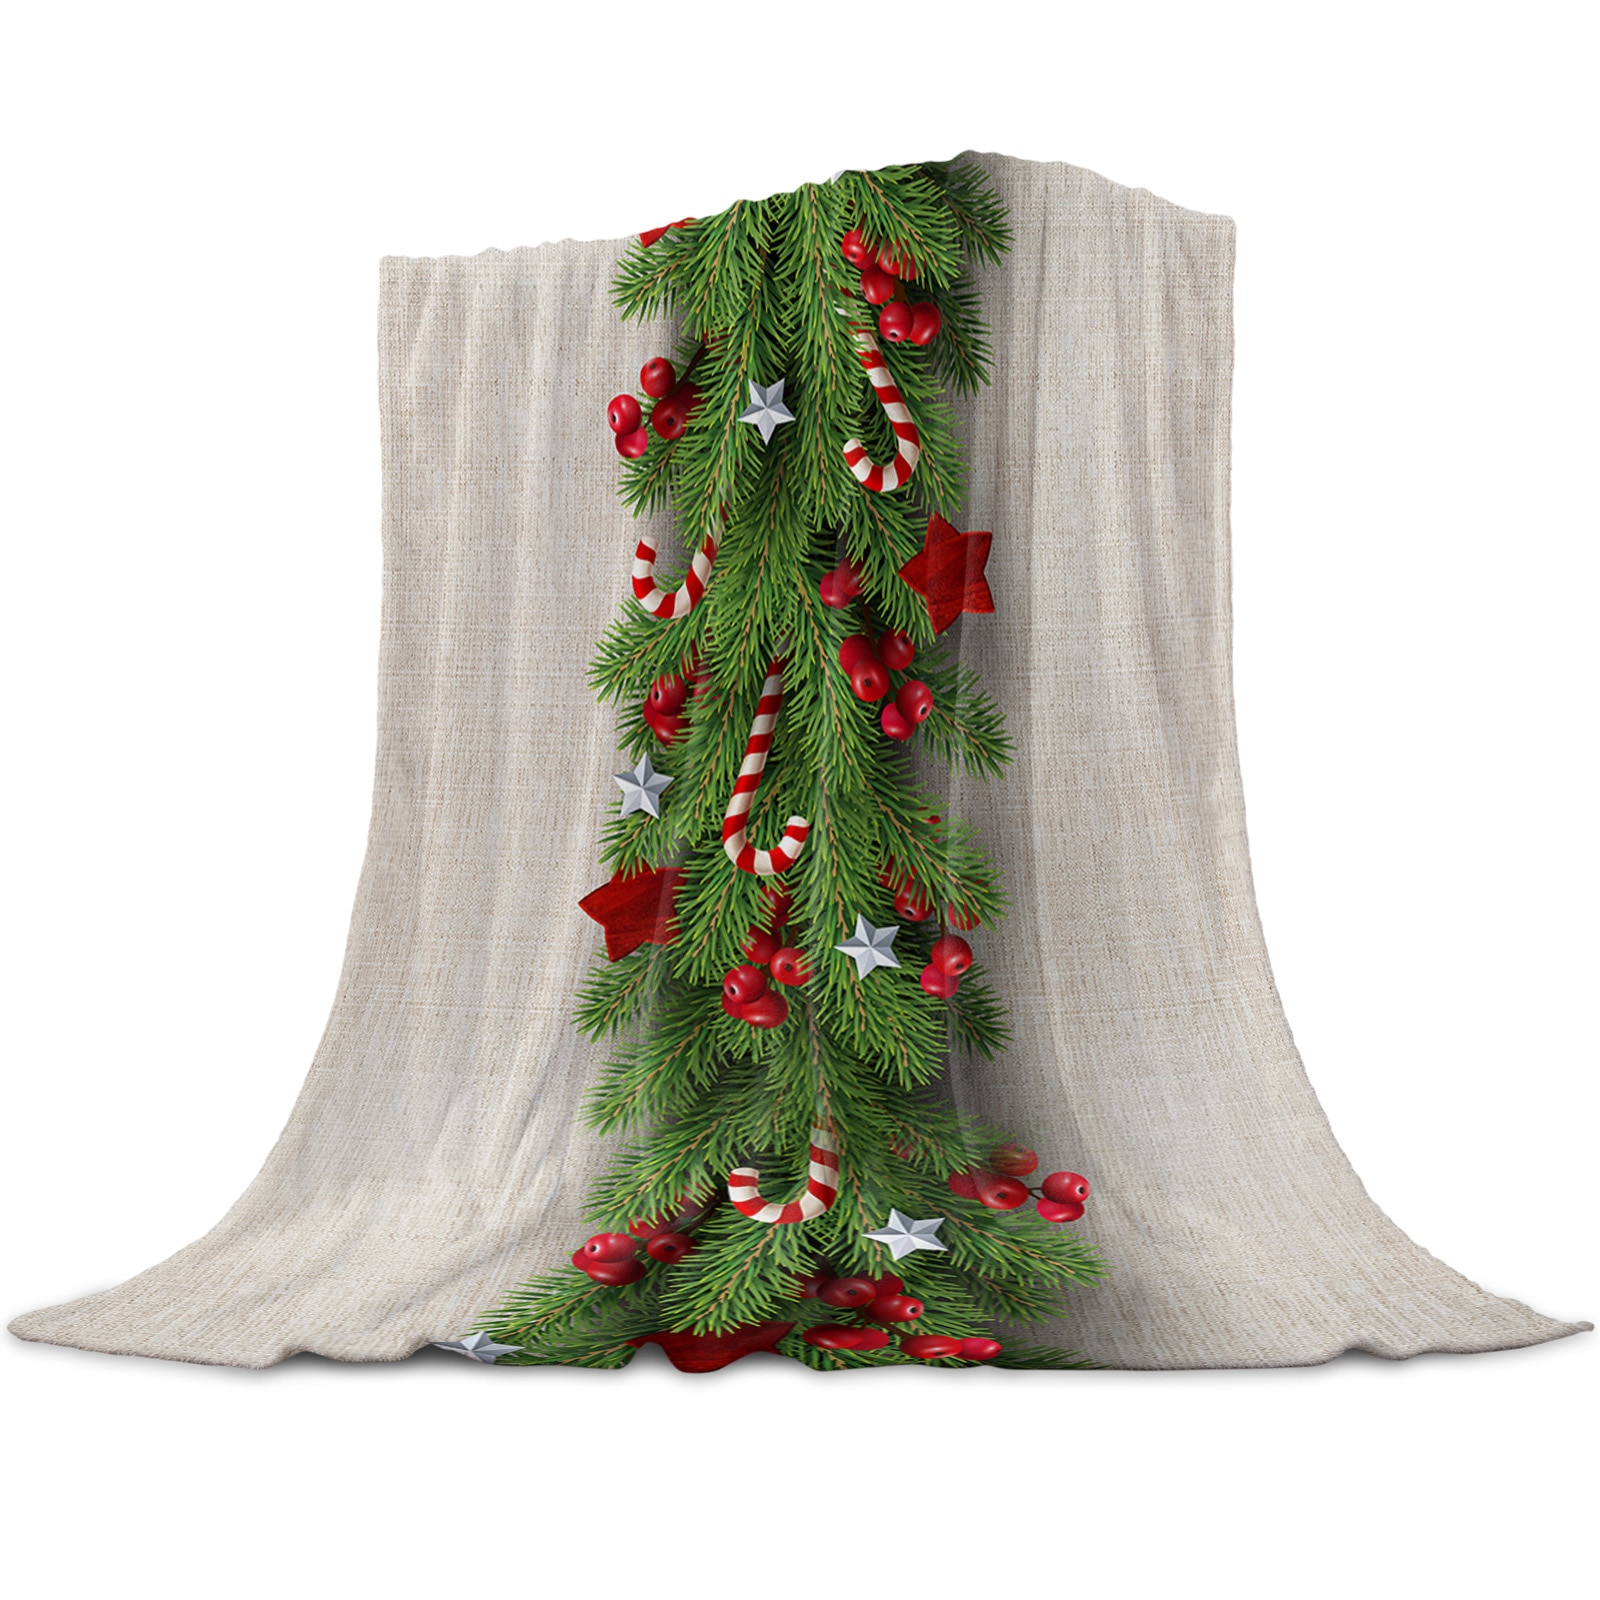 شجرة عيد الميلاد الصنوبر الإبر كاندي القوس رمي بطانية للأسرة ستوكات الفانيلا بطانية دافئة أريكة الفراش المفرش الهدايا